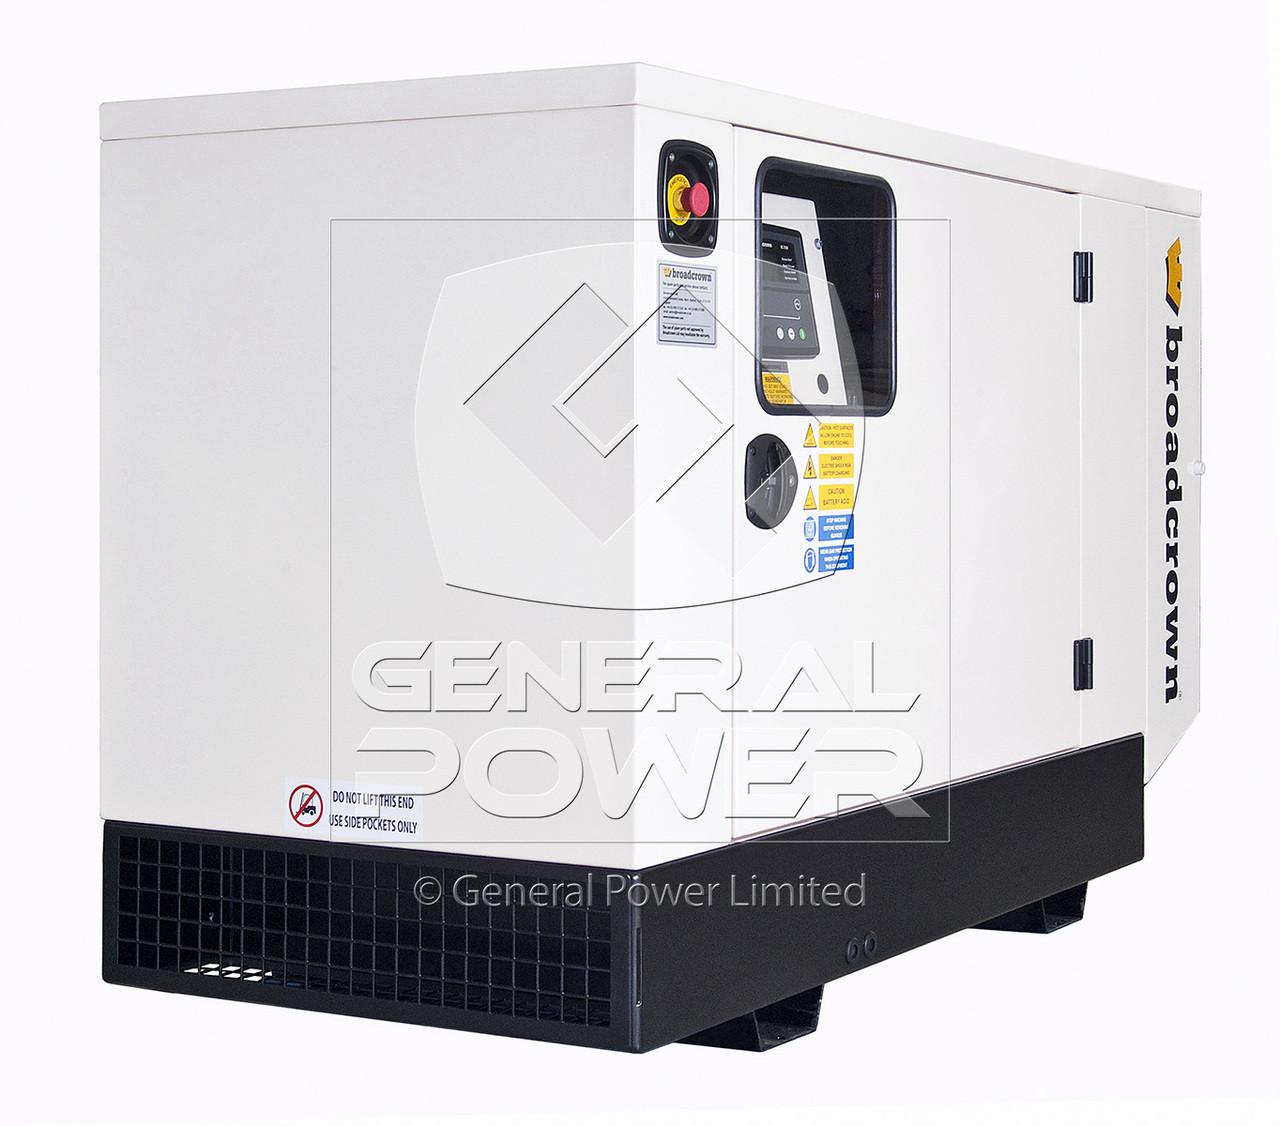 5 5 kW 5 5 kVA Yanmar Powered Diesel Generator | ACBCY5 5-60SP